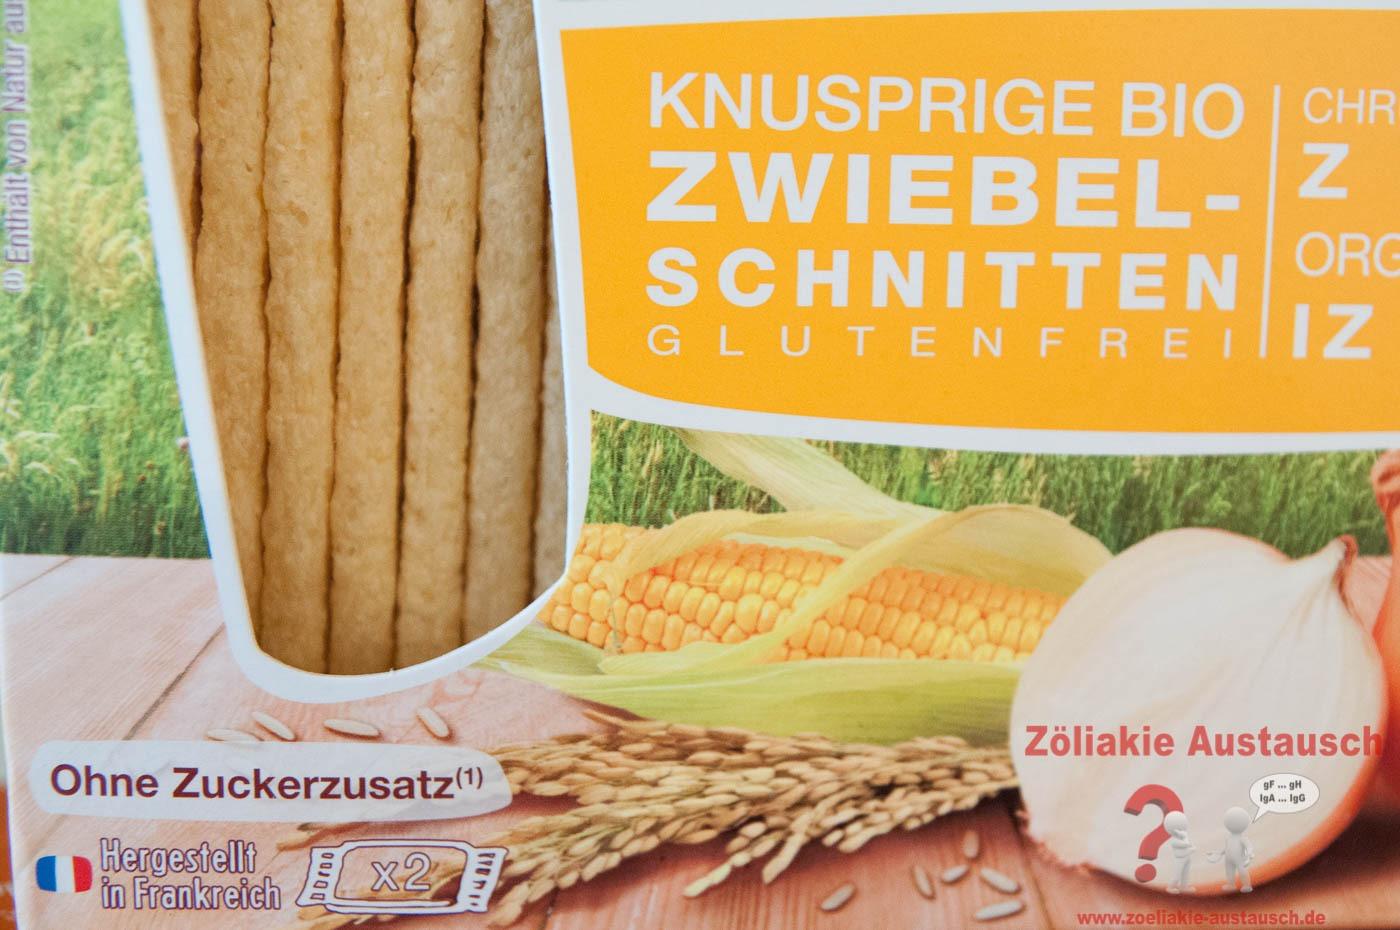 Zoeliakie_Austausch_Blumenbrot-019